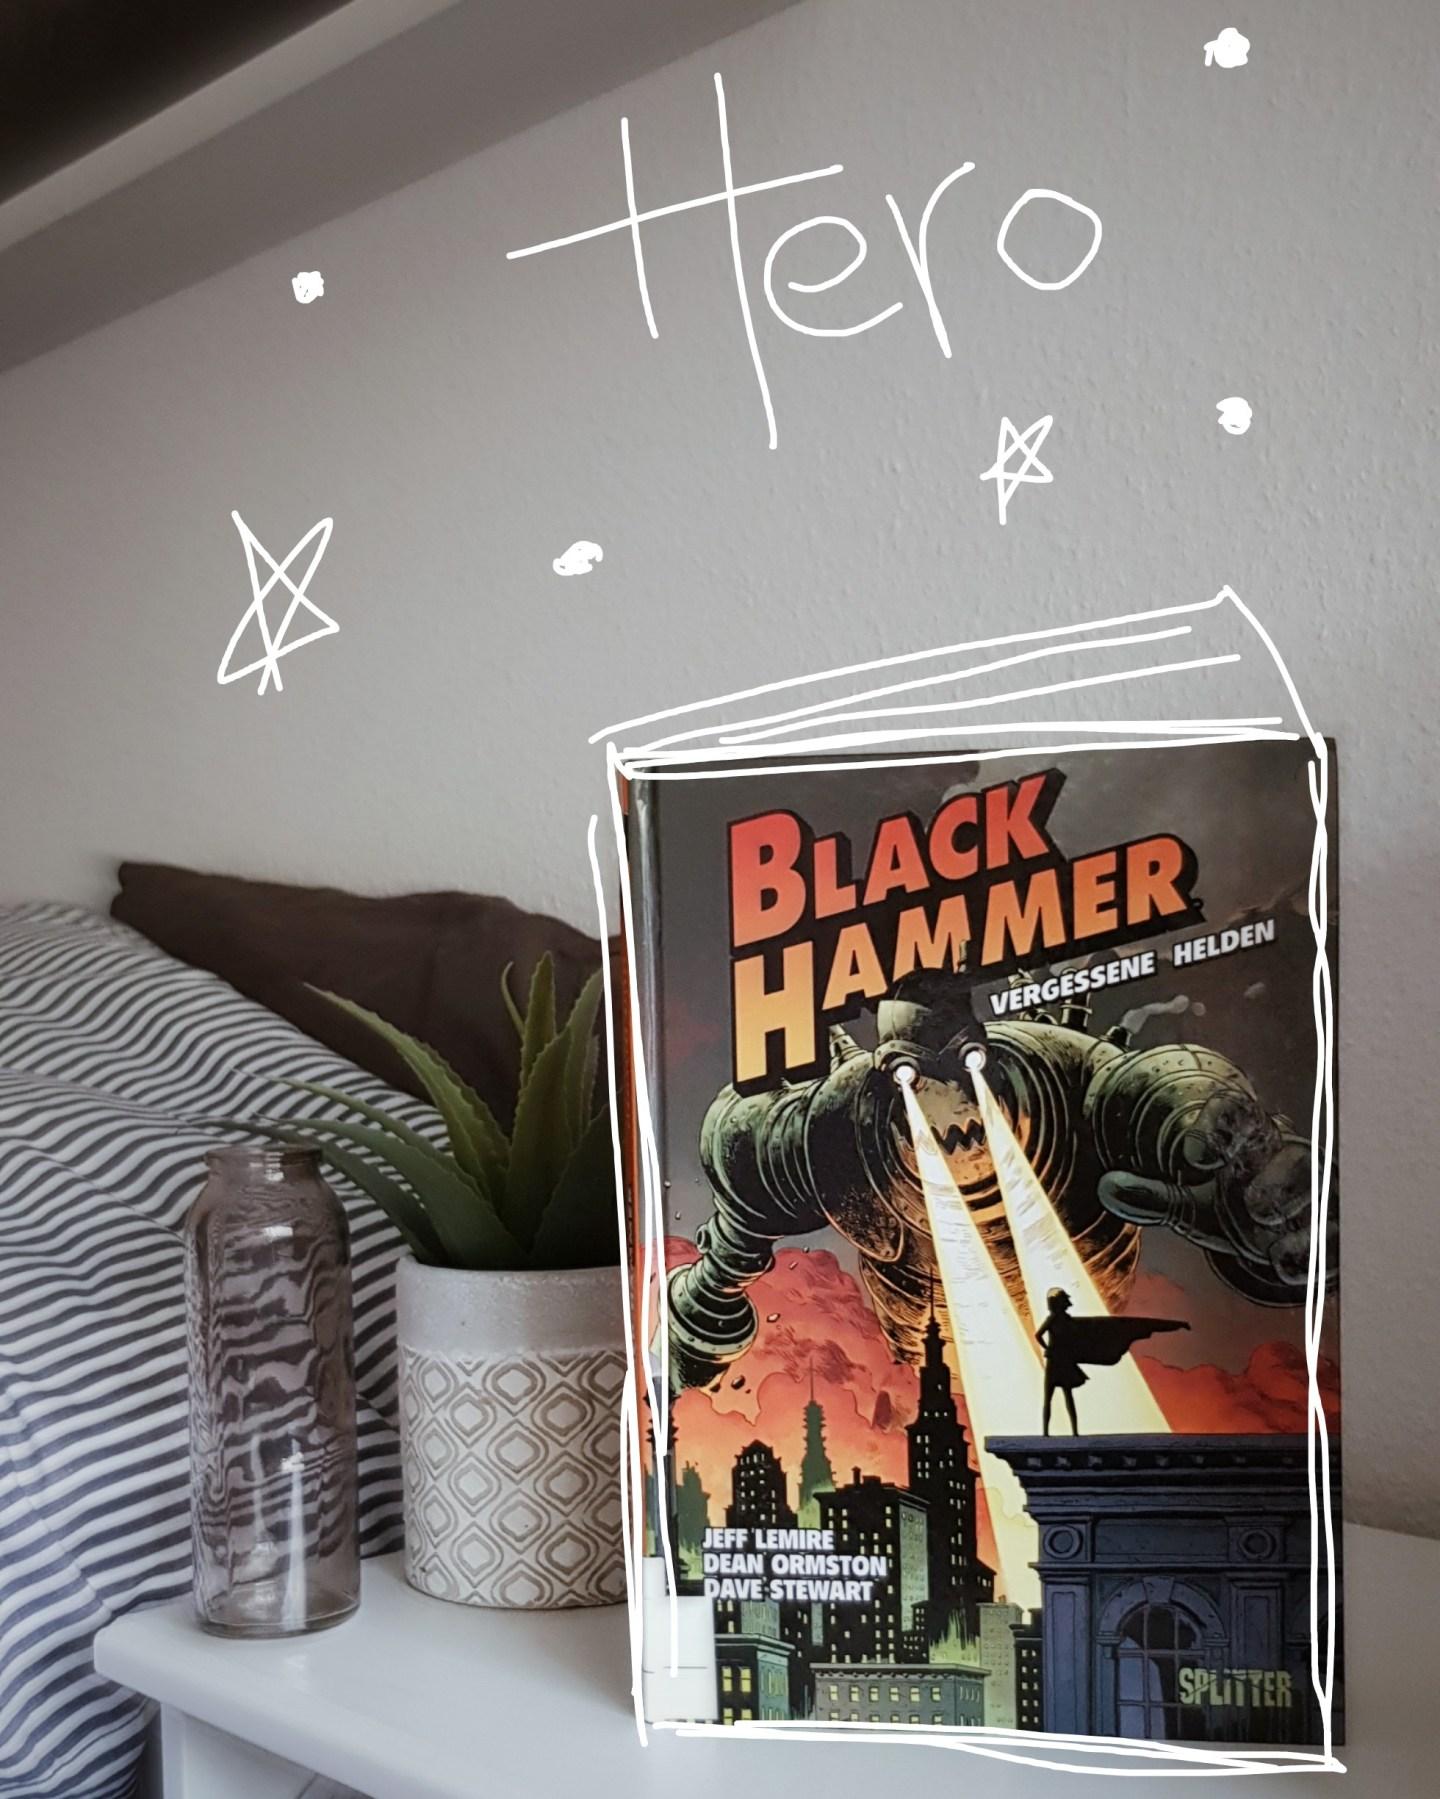 Kurze Rezension | Black Hammer: Vergessene Helden 1 von Lemire, Ormston, Stewart